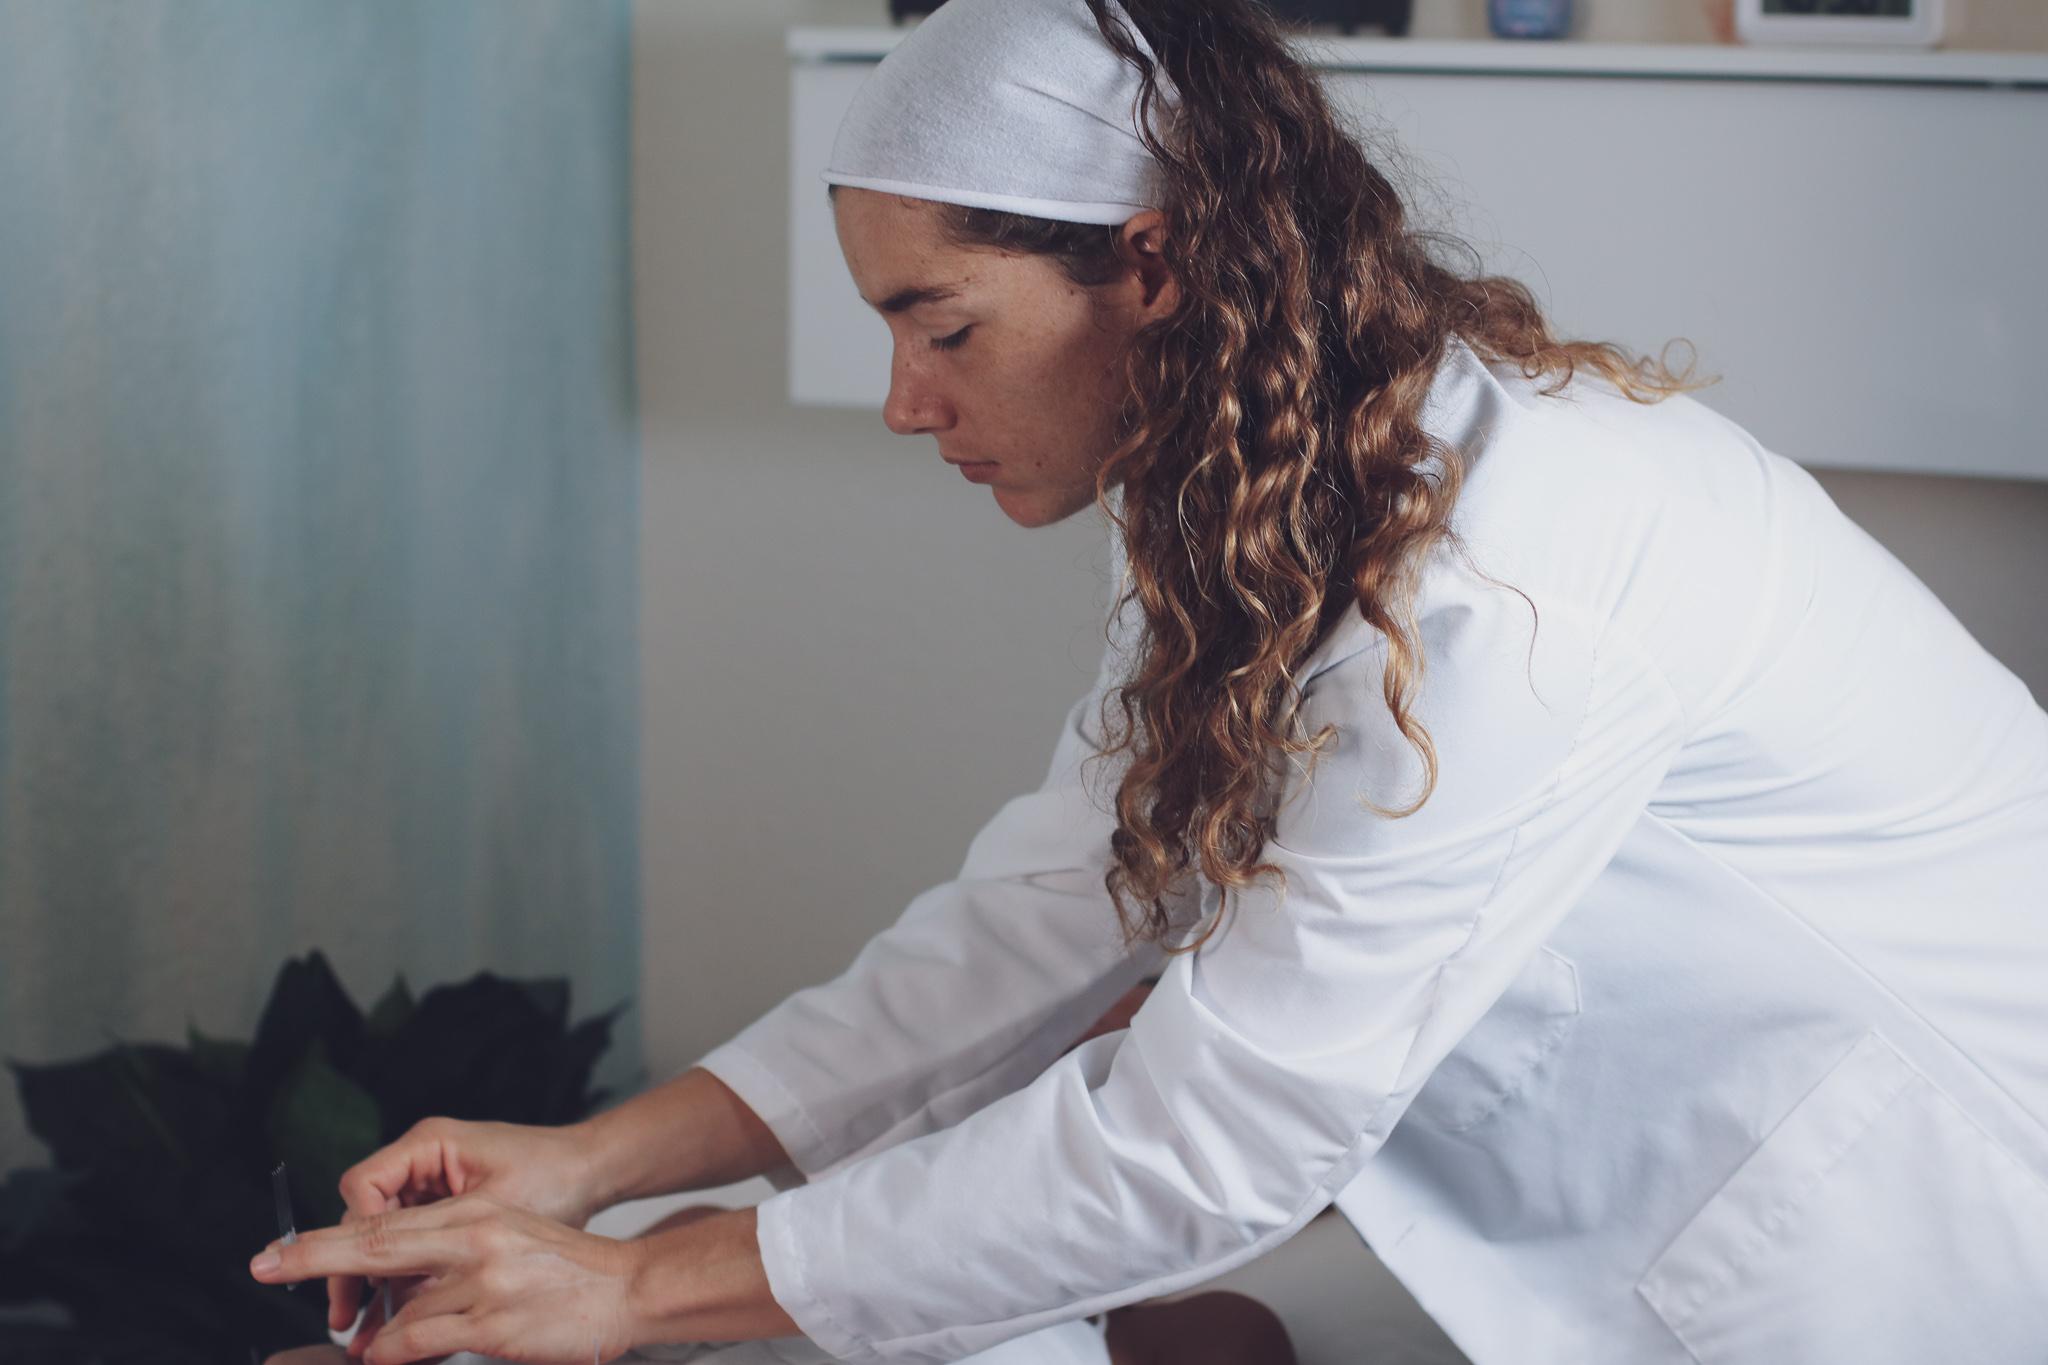 Dr. Amanda administering Acupuncture